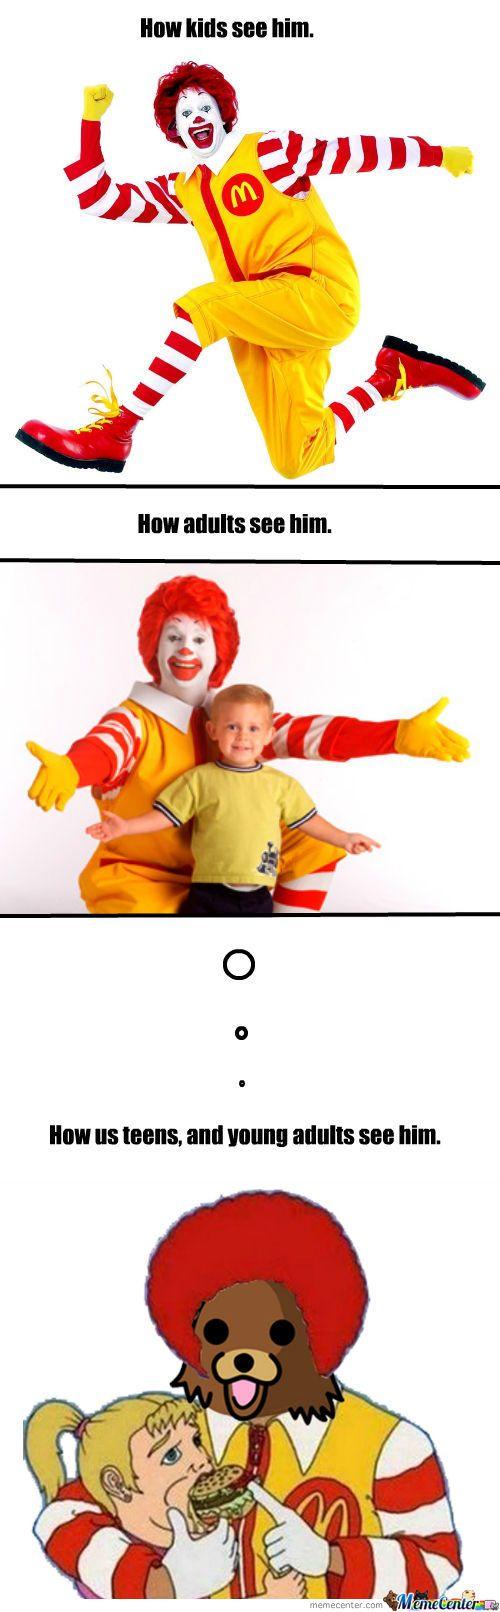 Ronald McDonald | Ronald Mcdonald. - Meme Center